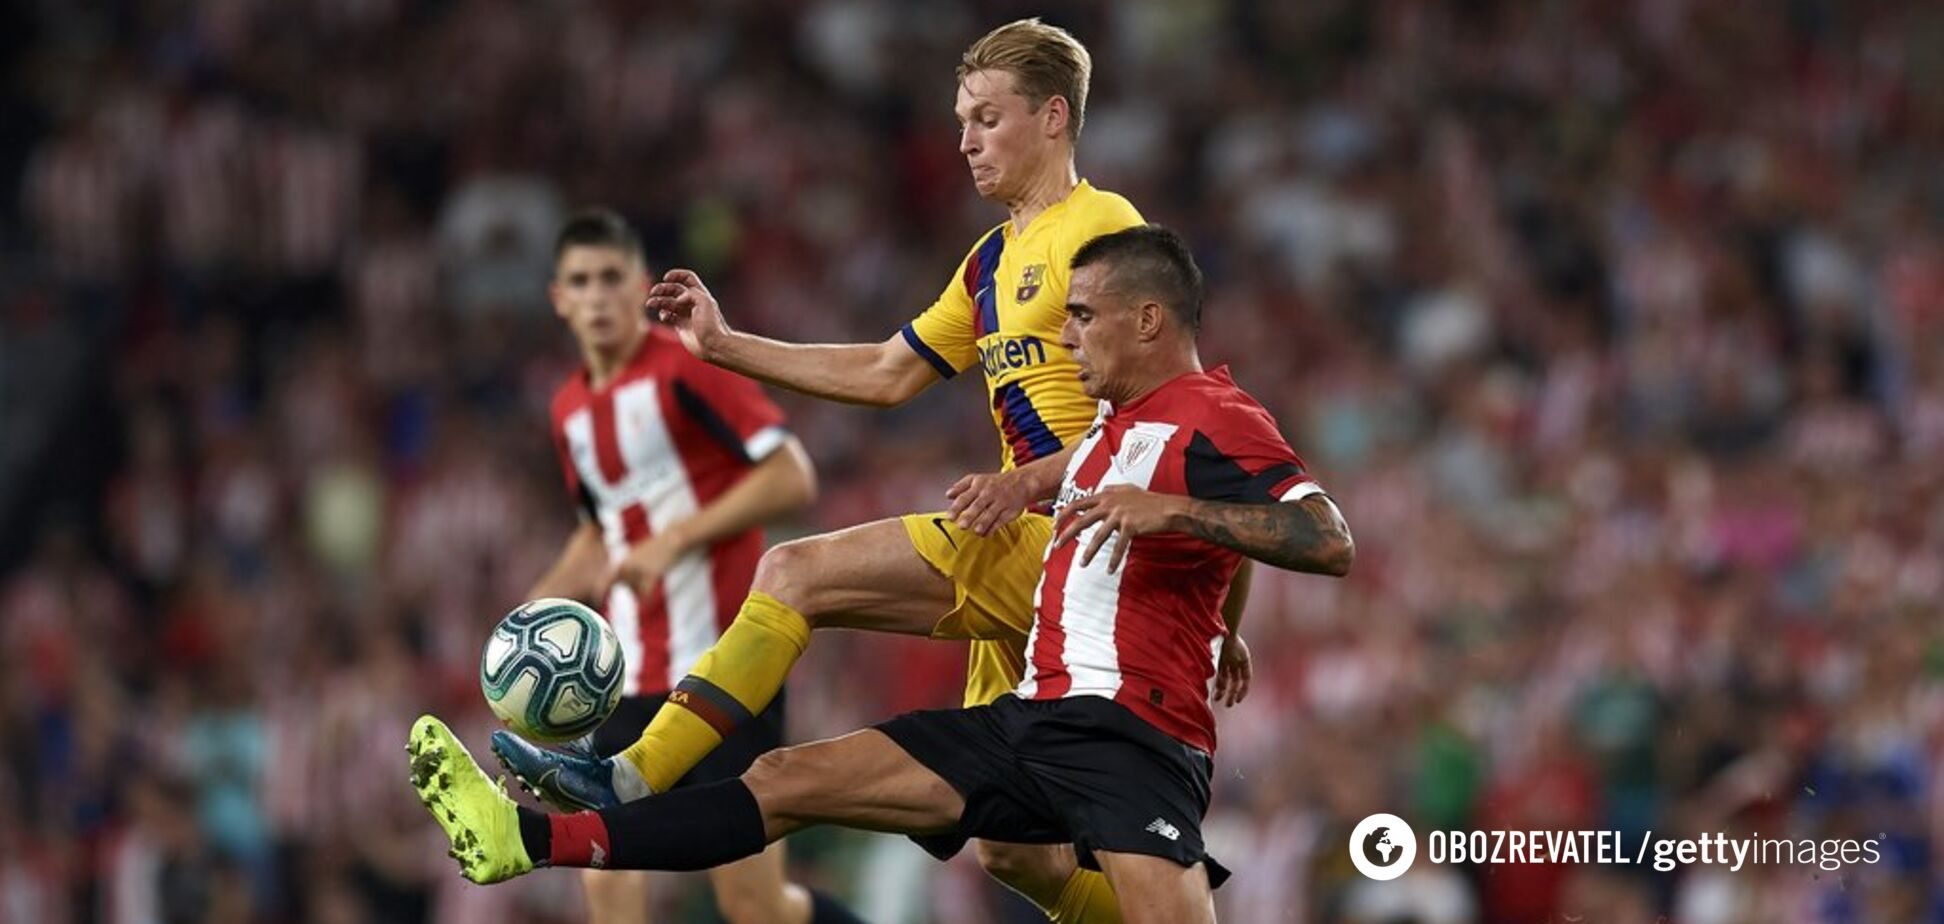 'Барселона' на останній хвилині пропустила фантастичний гол 'ножицями' і програла в Ла Лізі